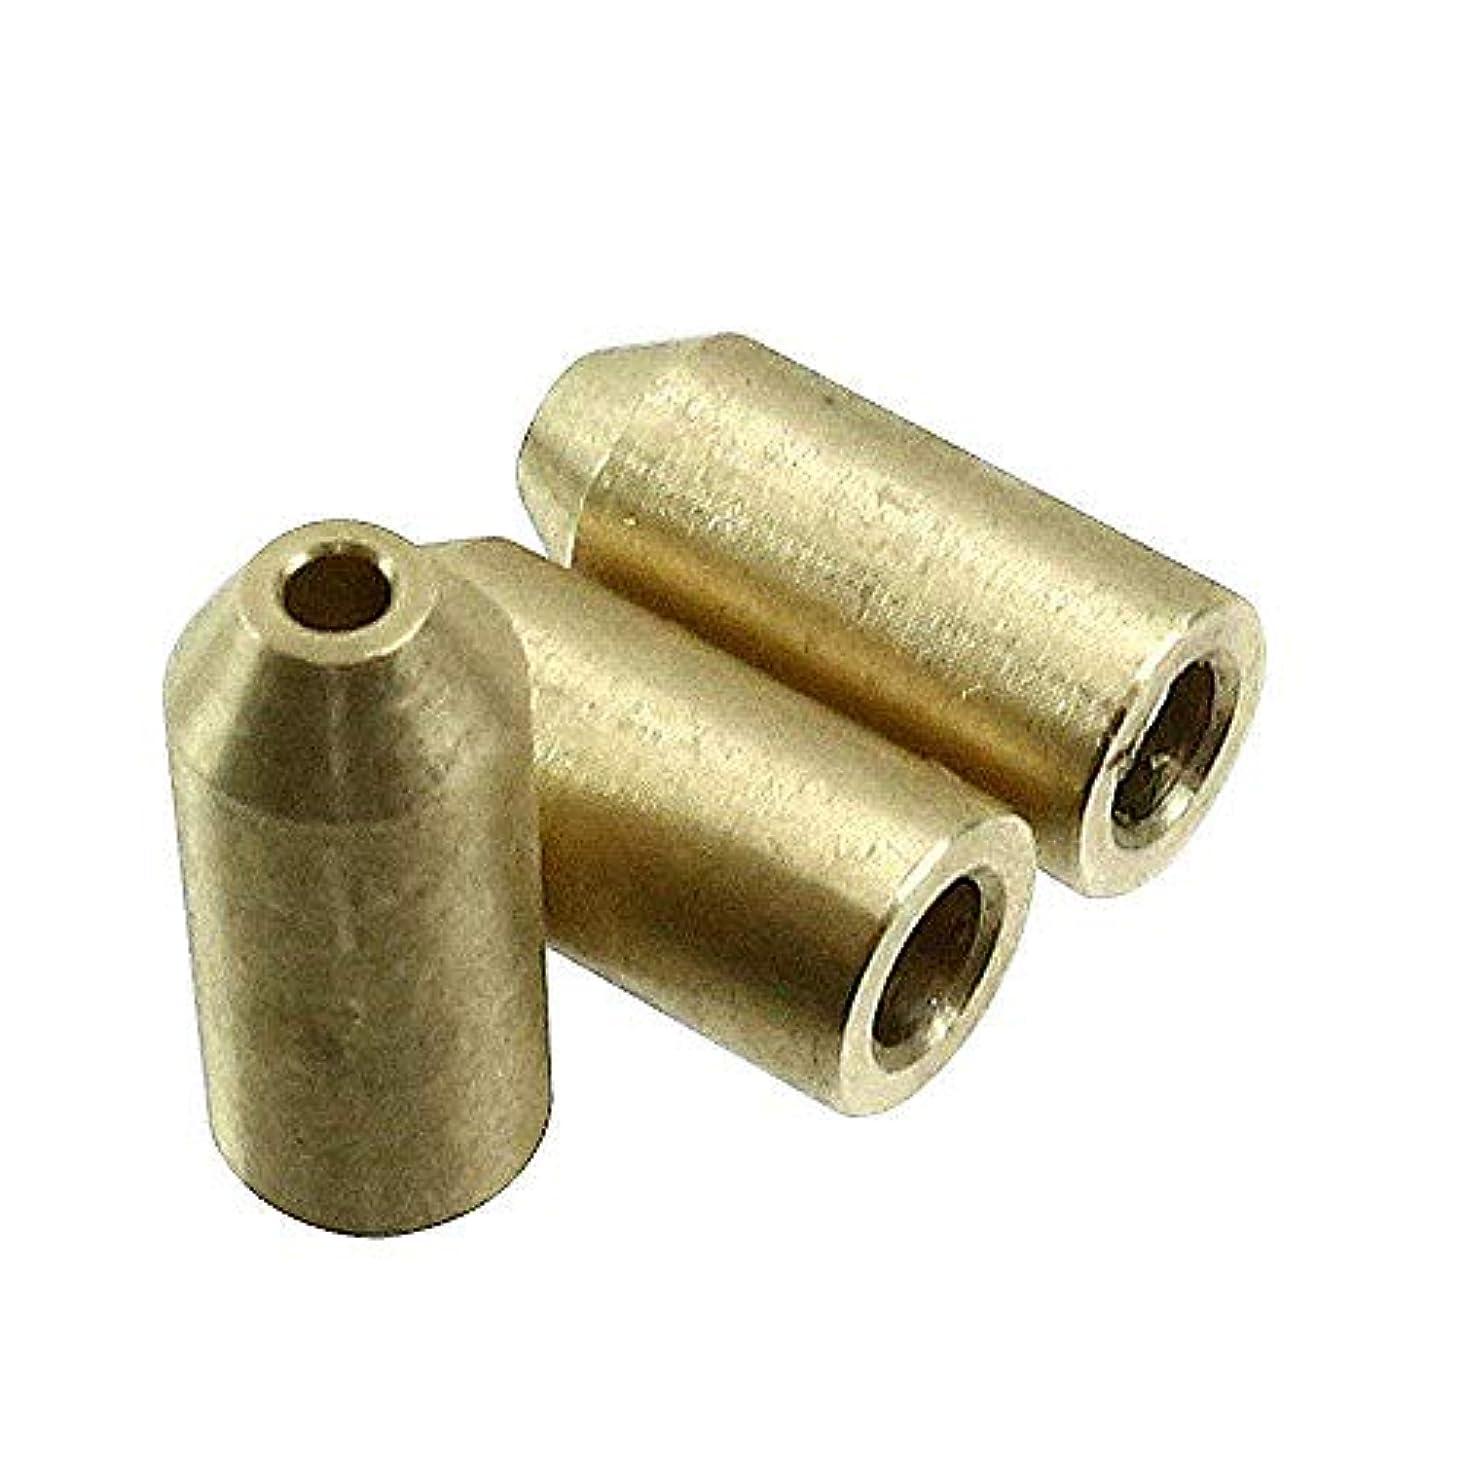 換気囲むインタフェースHomewineasy デュポン用 ライターガス 注入 変換アダプター 汎用 真鍮製 3個セット